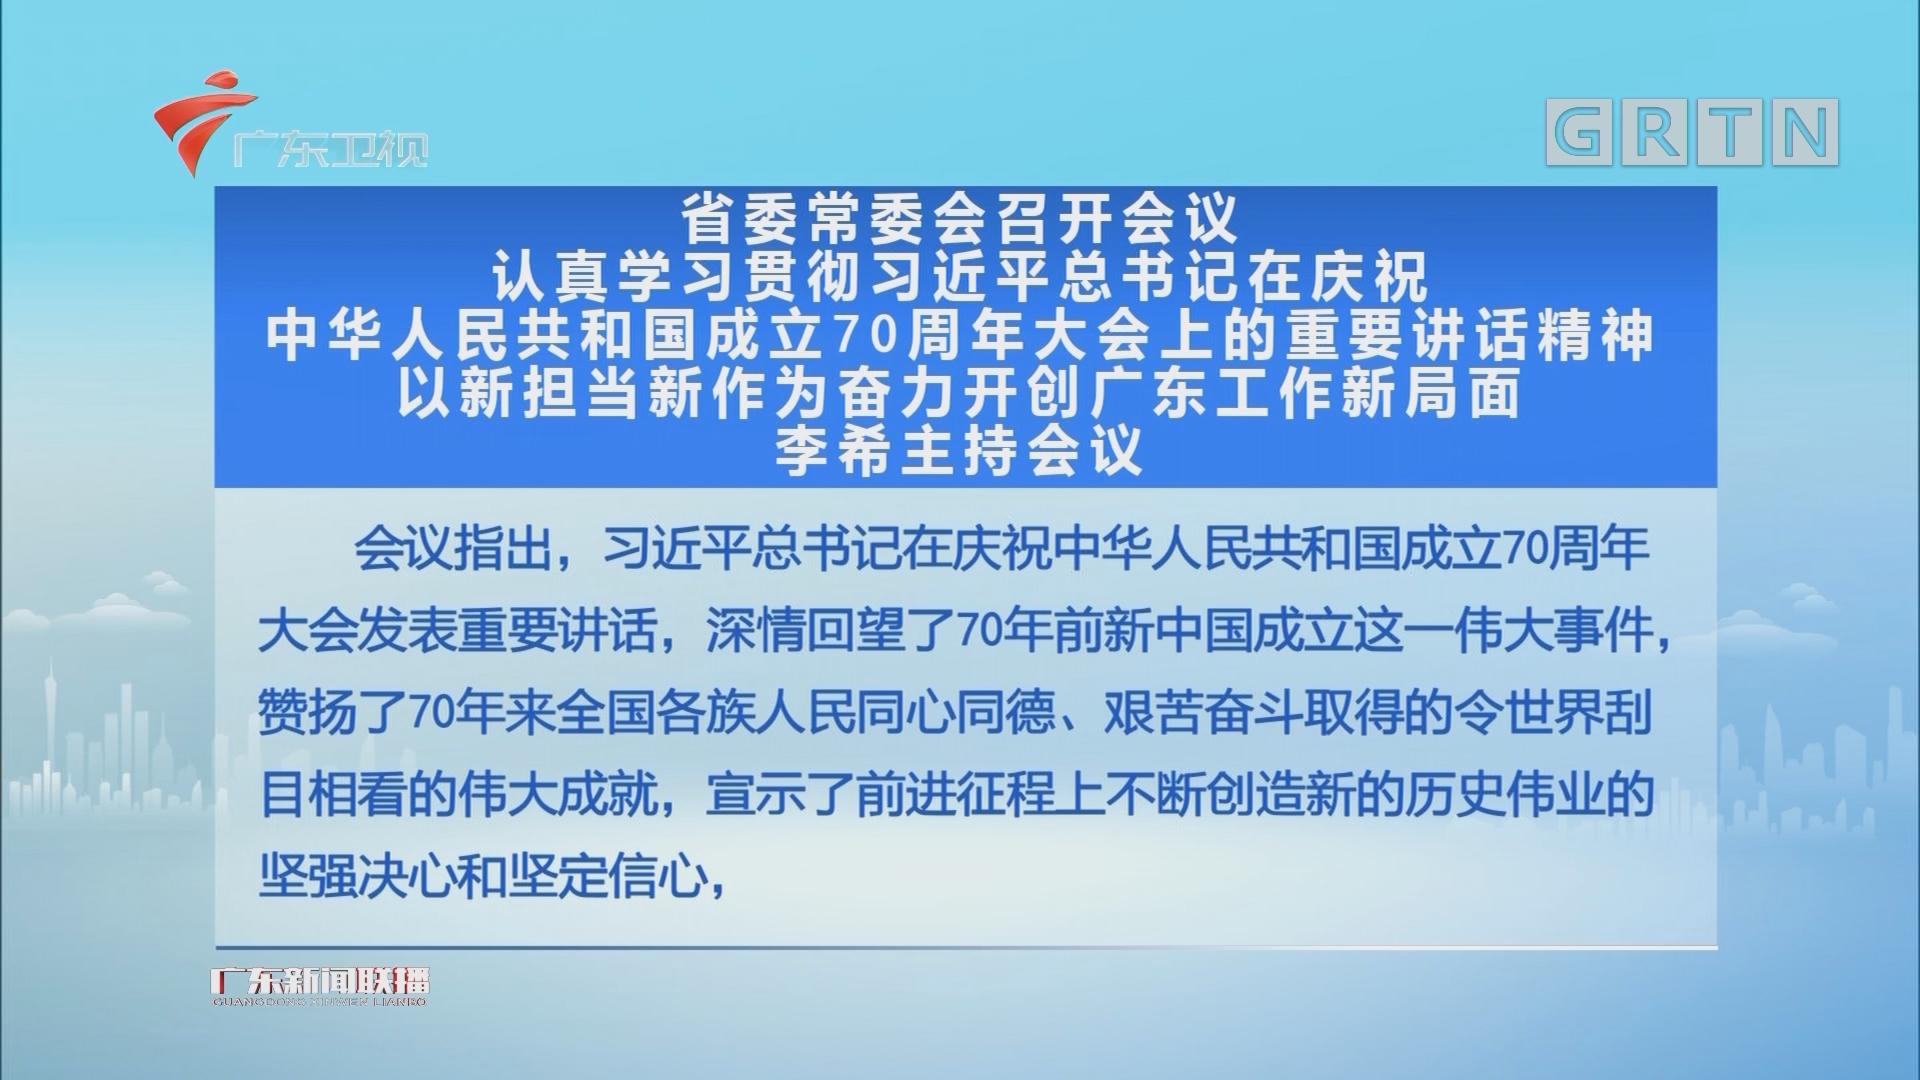 省委常委会召开会议 认真学习贯彻习近平总书记在庆祝中华人民共和国成立70周年大会上的重要讲话精神 以新担当新作为奋力开创广东工作新局面 李希主持会议